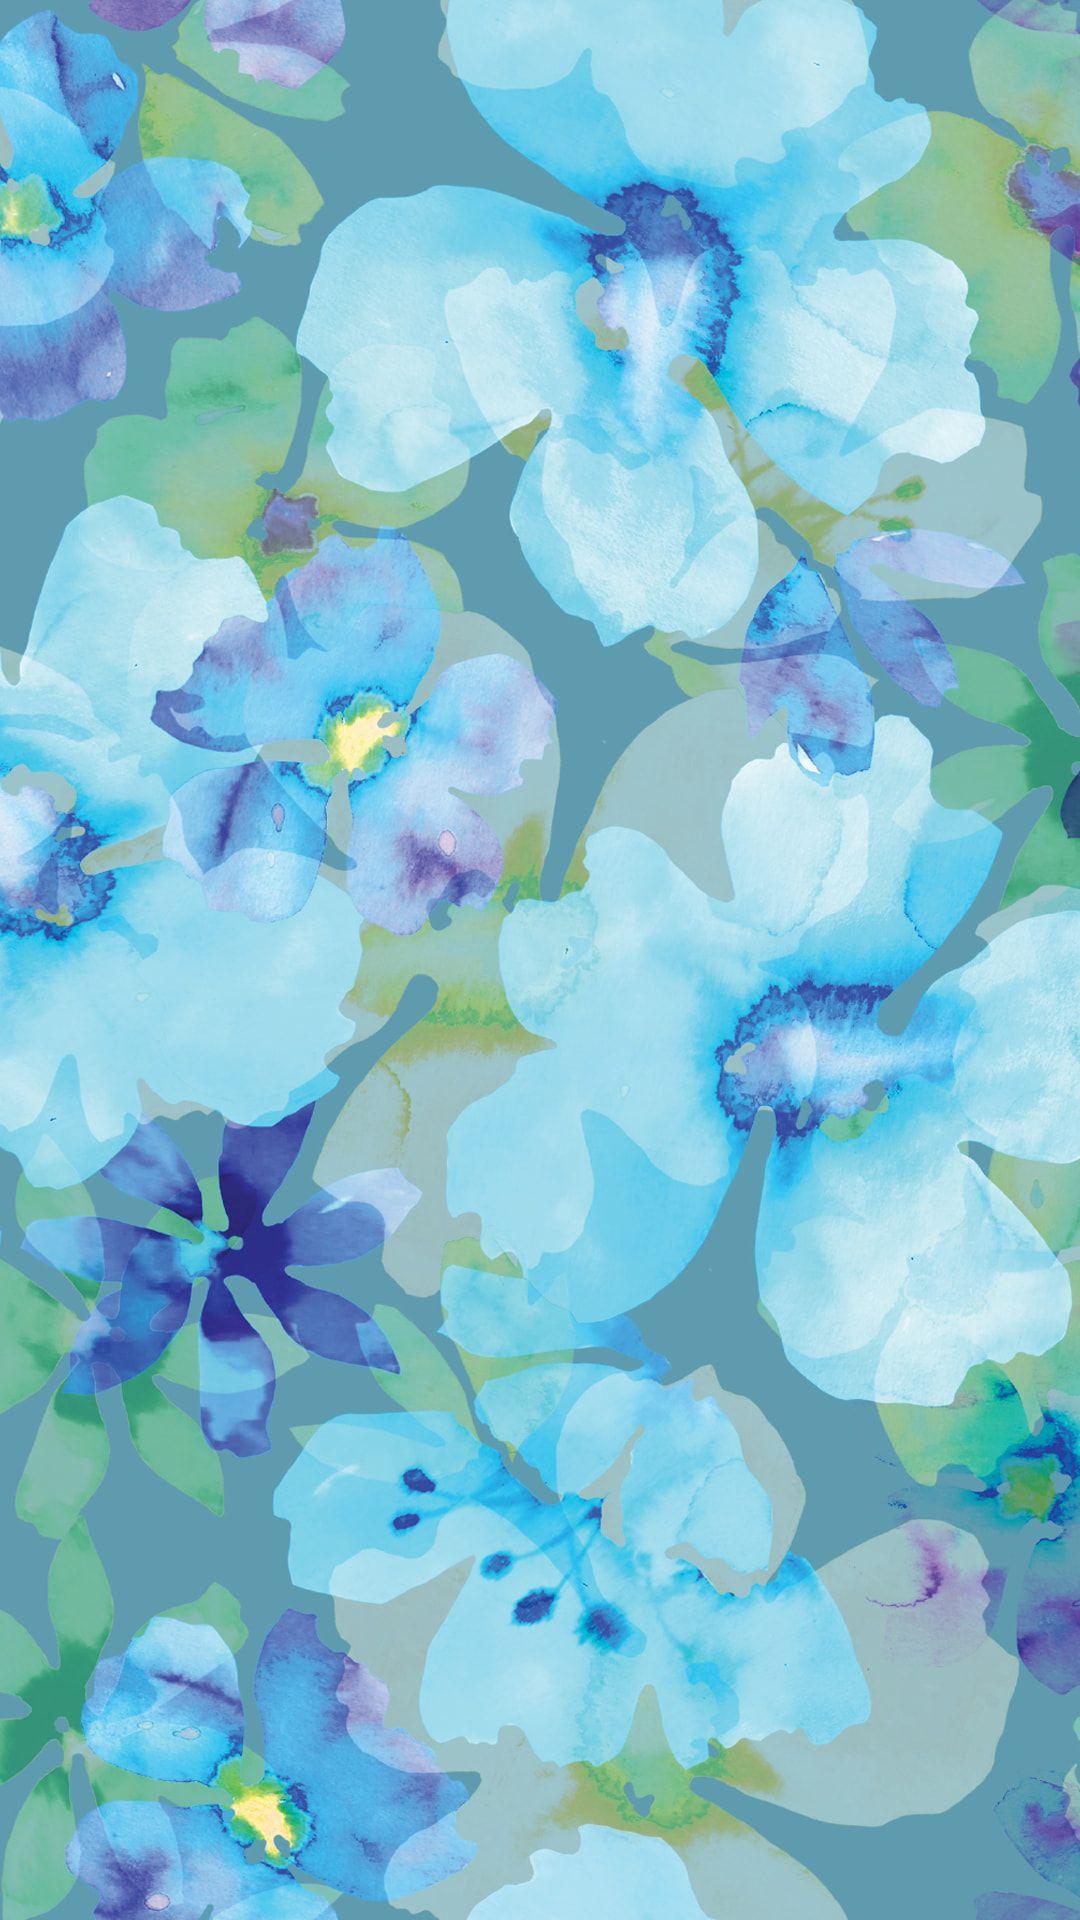 人気164位 花柄 青 紫色の壁紙 花 壁紙 花 絵